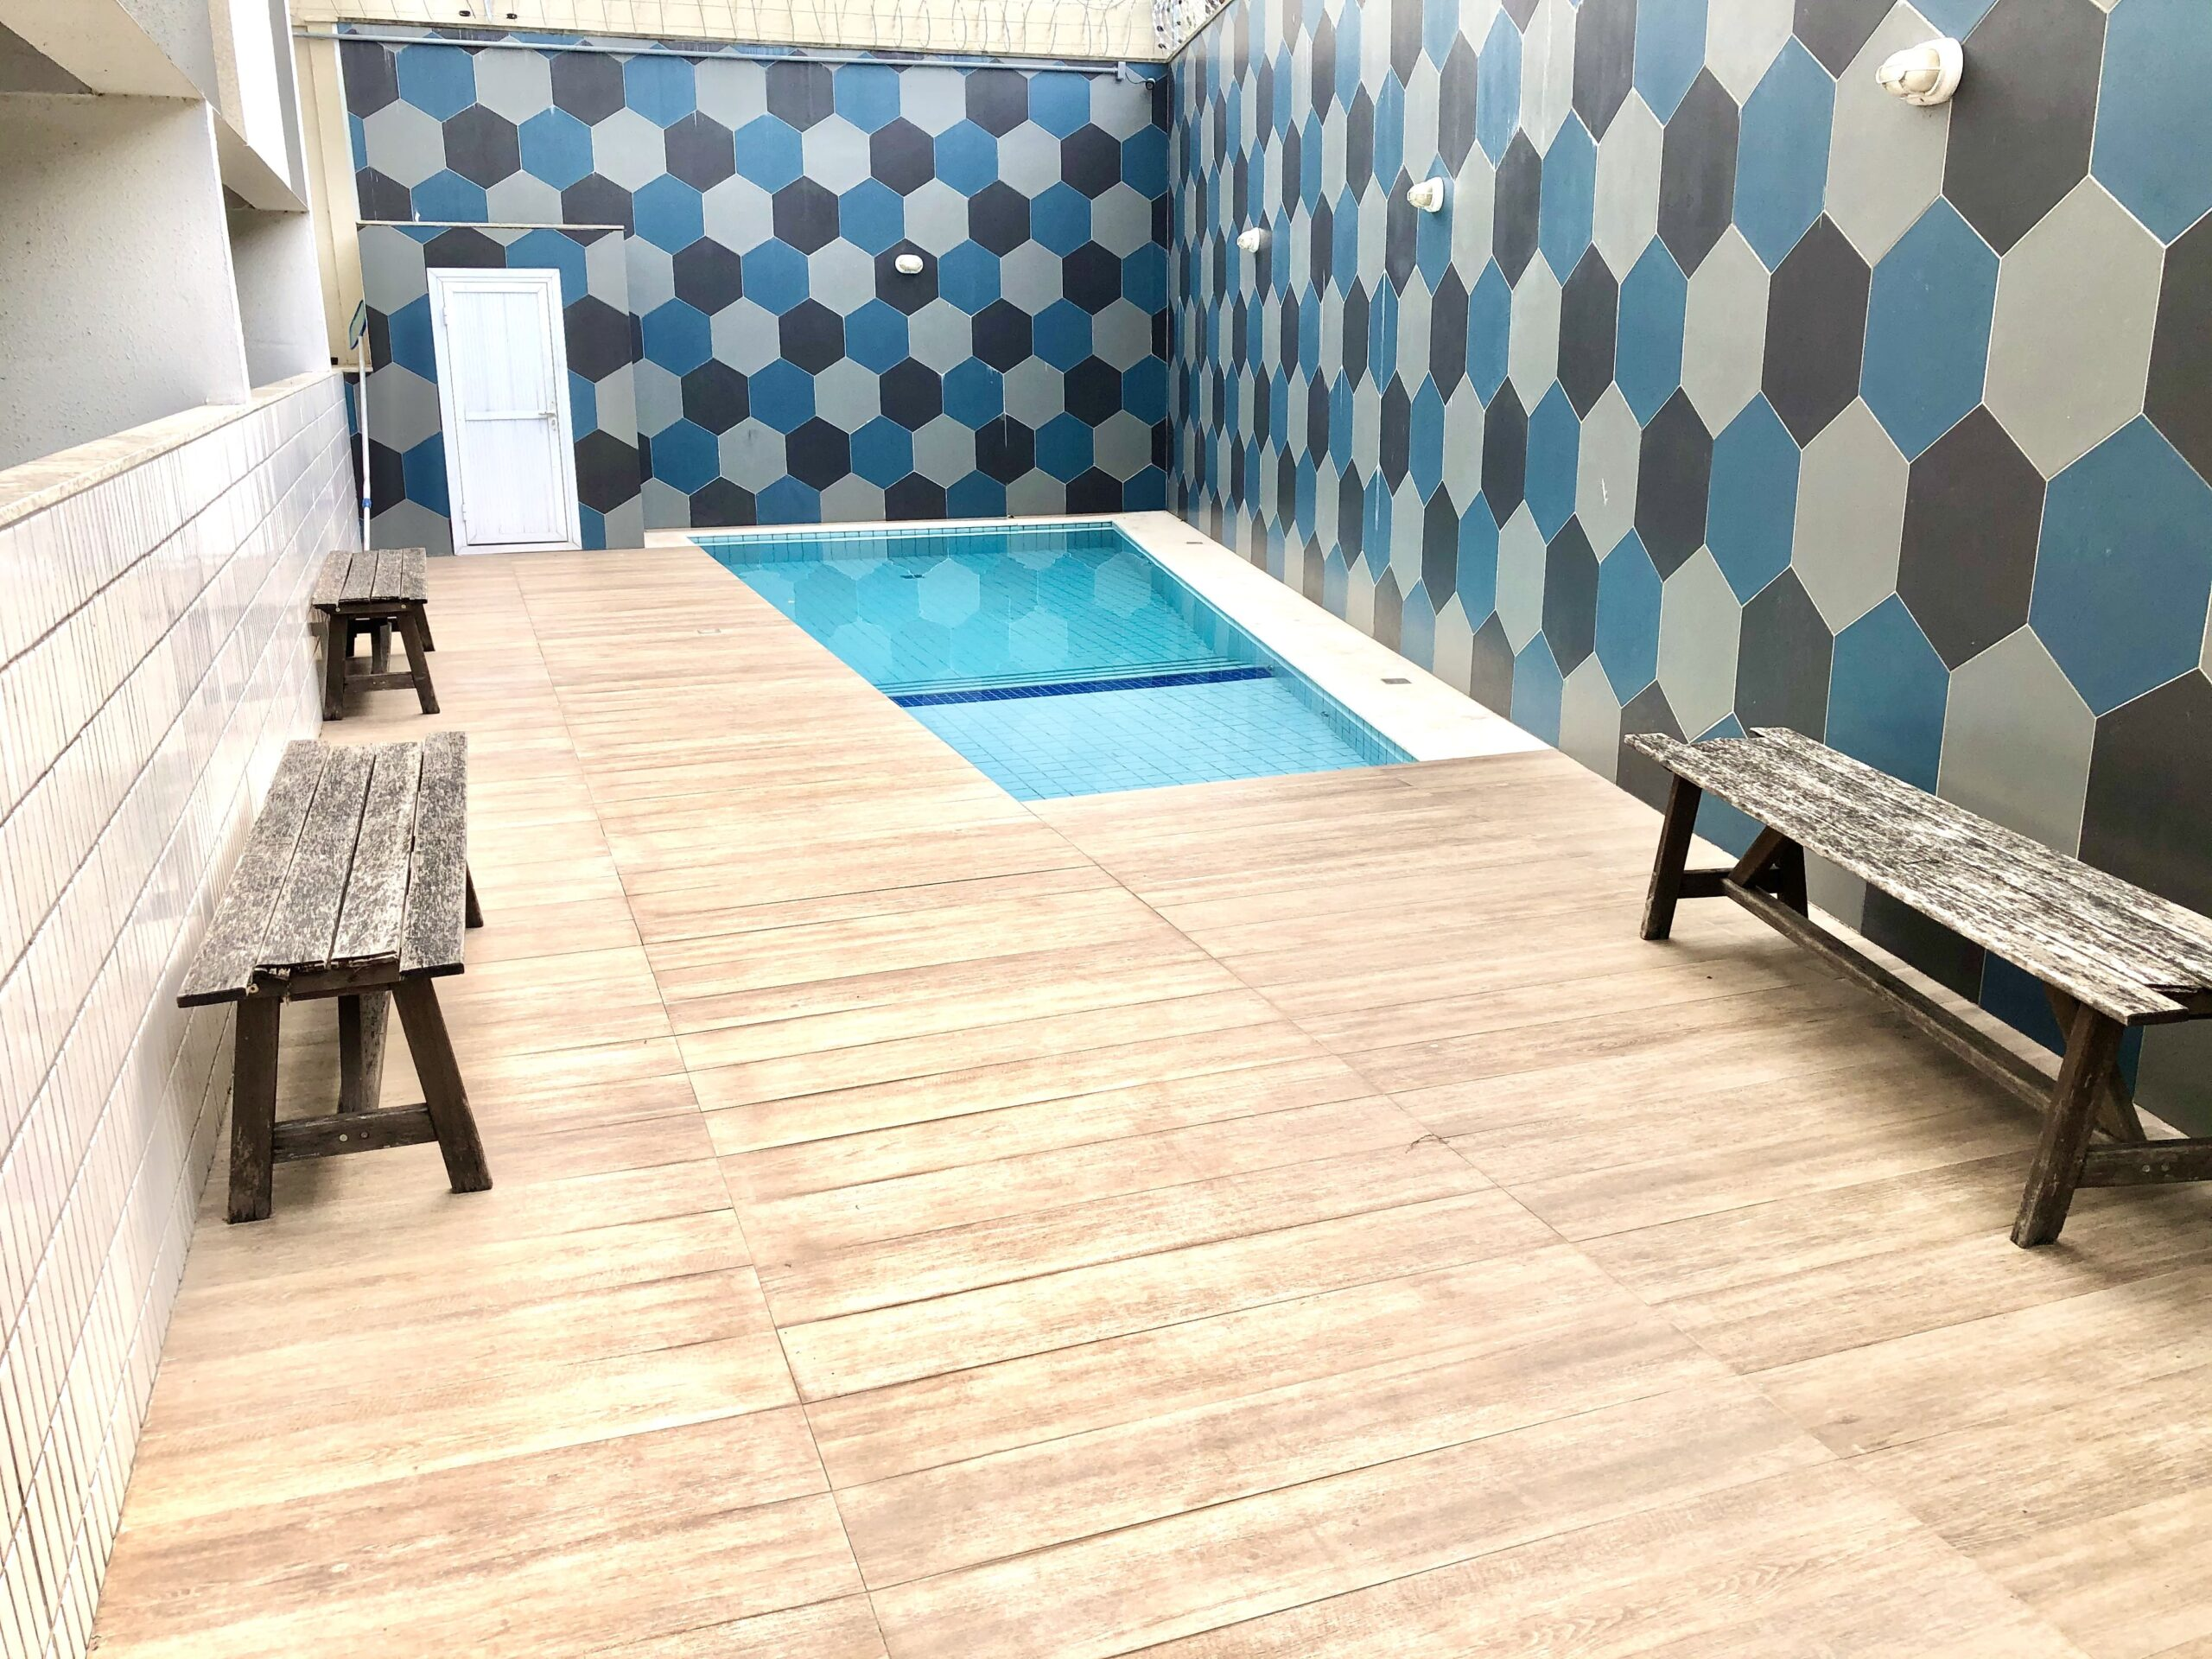 3 Apartamento para venda no Edifício Recanto das Palmeiras Teresina,3 Quartos, sendo 1 suíte, banheiro social, 1 vaga, piso em porcelanato